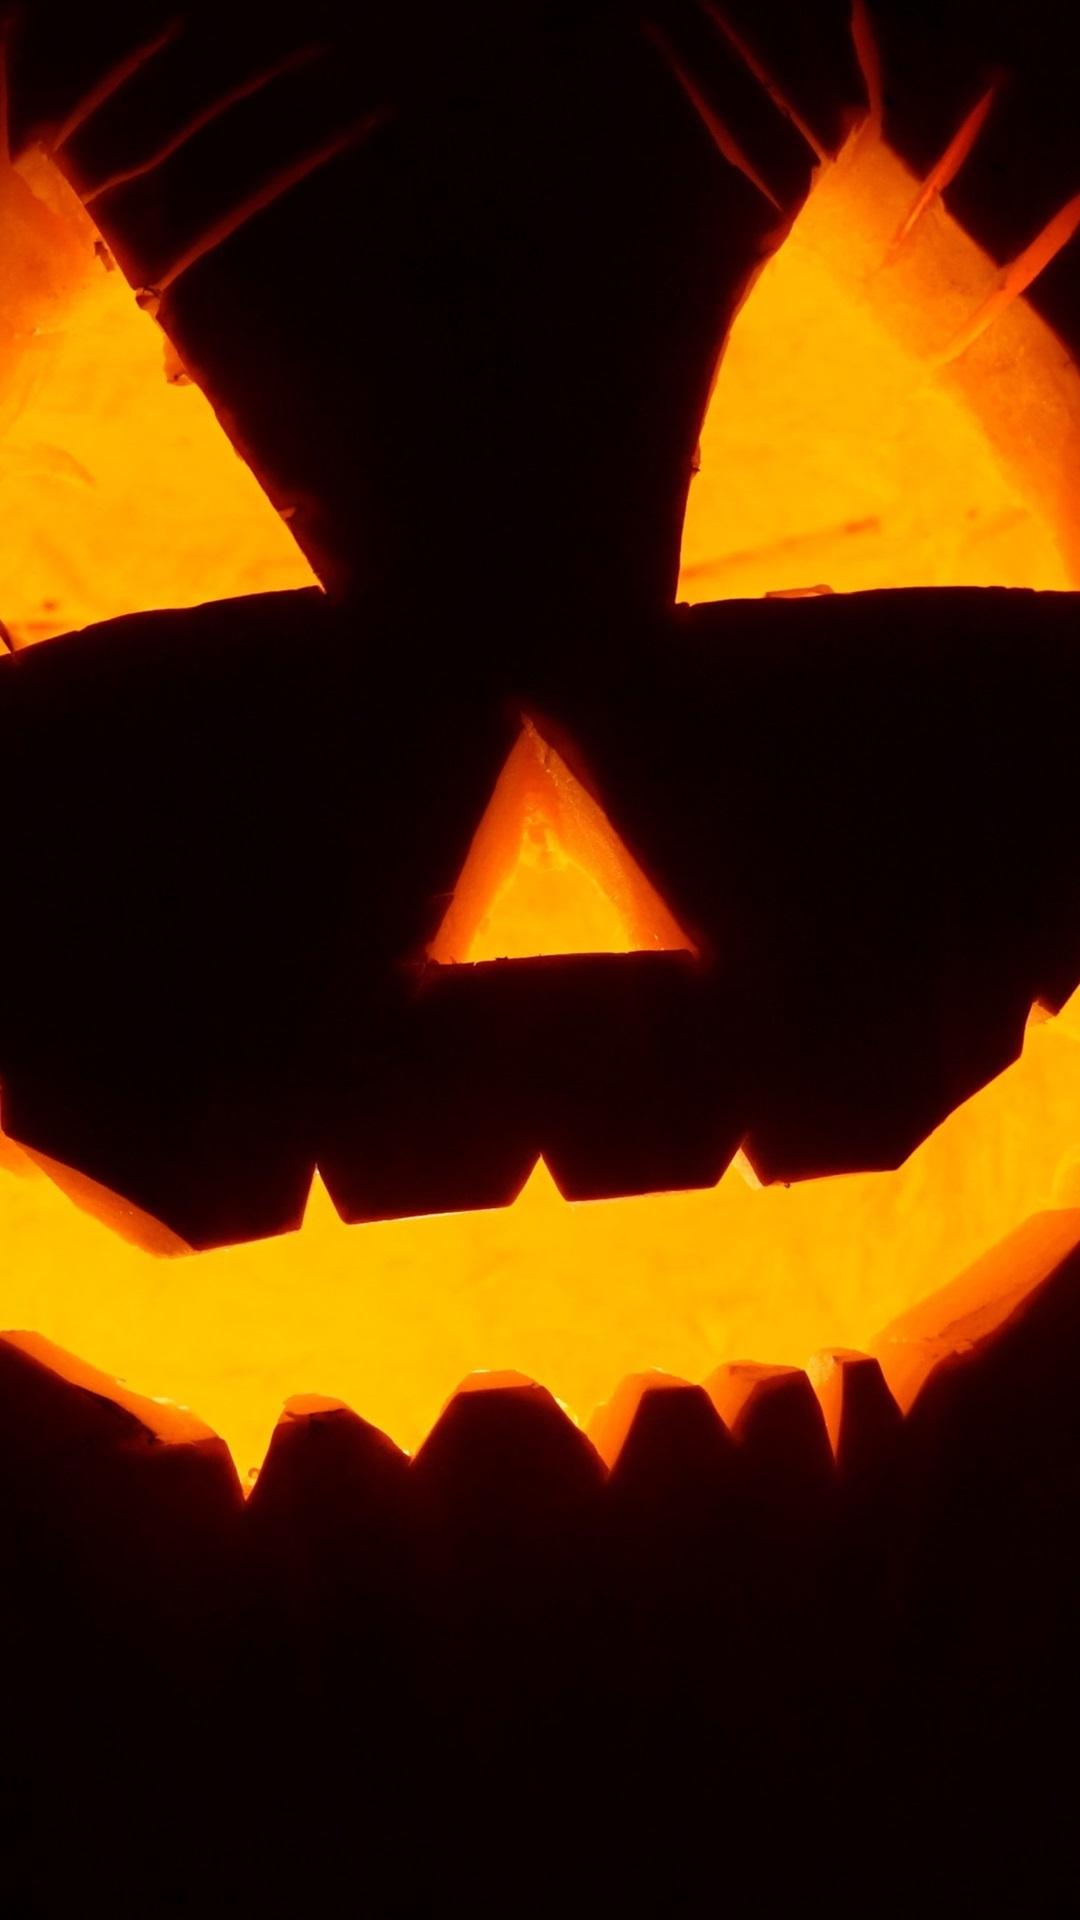 Halloween Pumpkin Light Face Black Background 1080x1920 Iphone